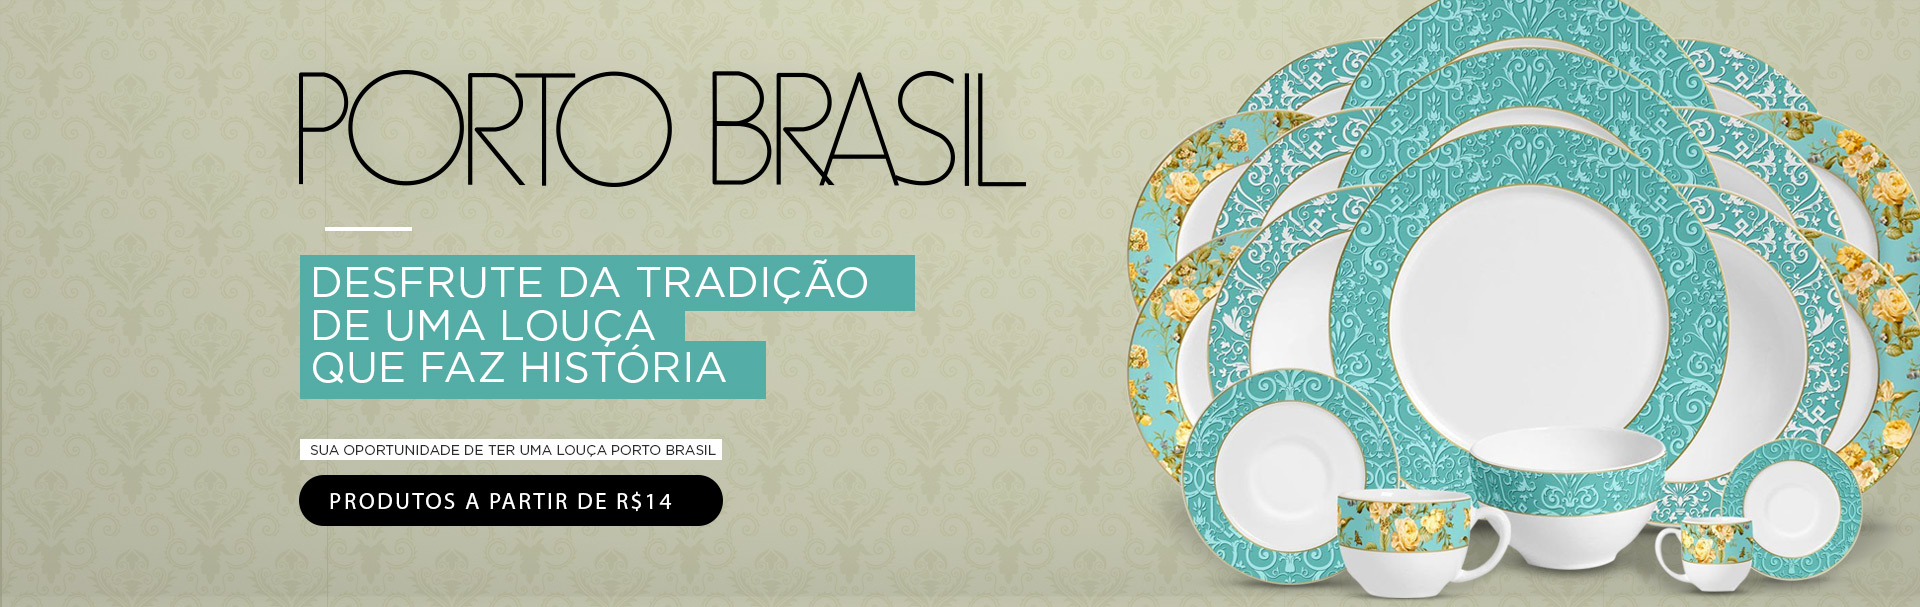 Porto Brasil 10 Off - Março/18